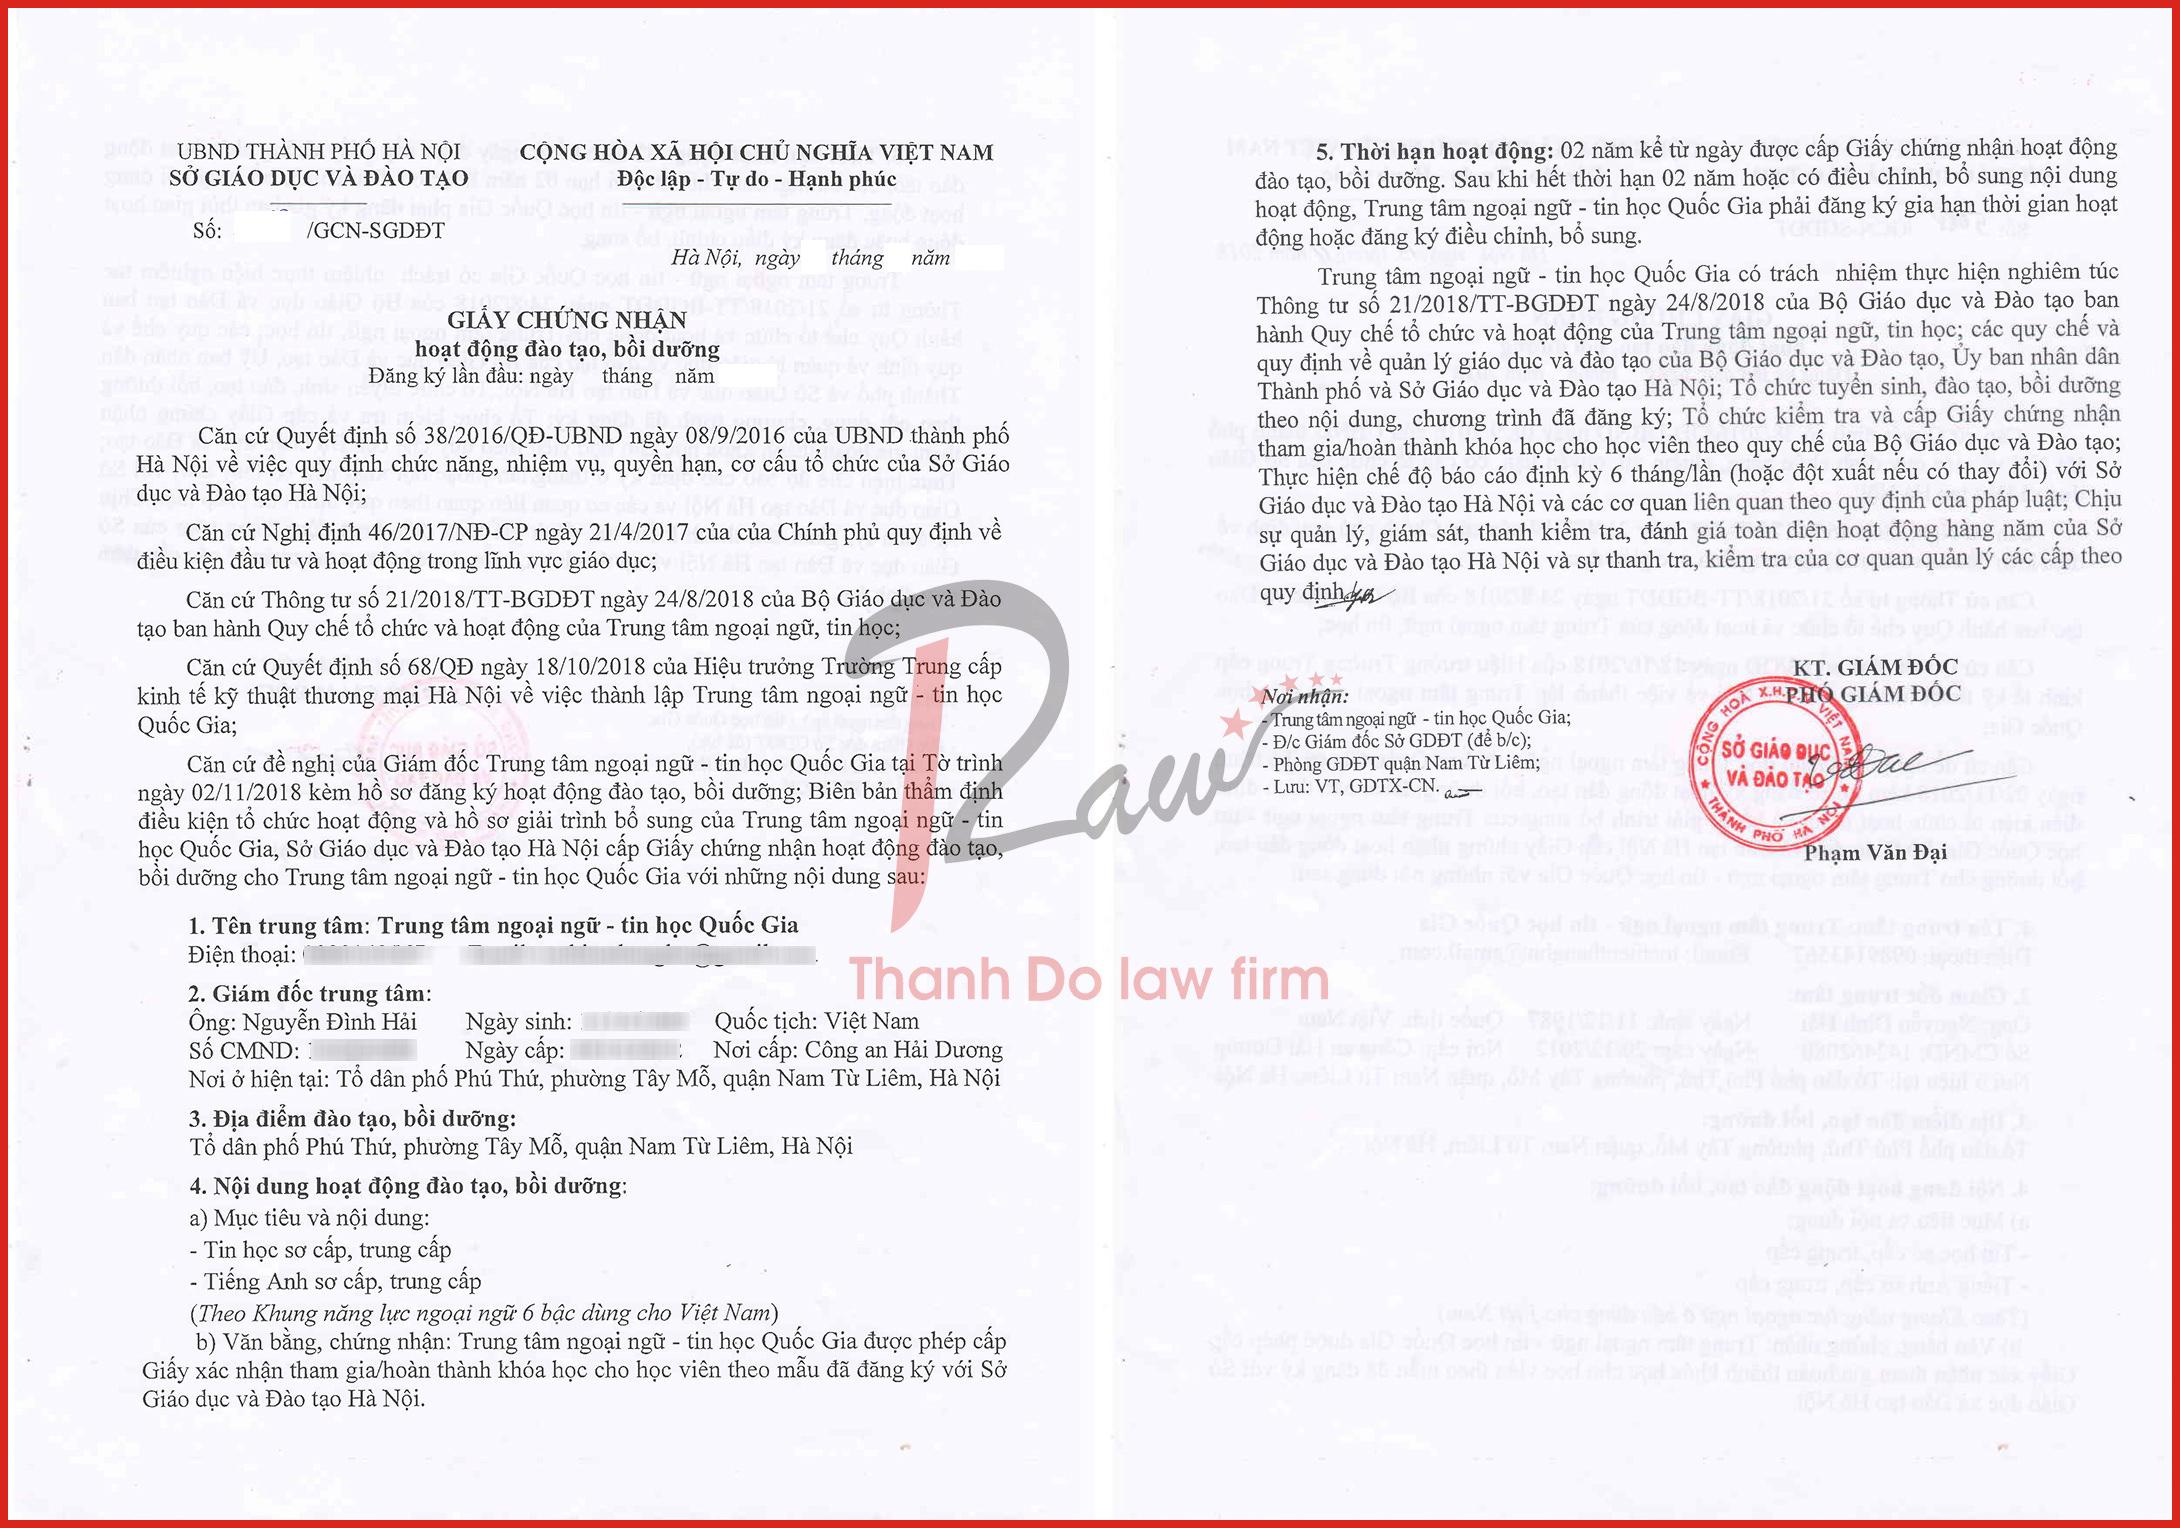 mẫu giấy chứng nhận thành lập trung tâm ngoại ngữ